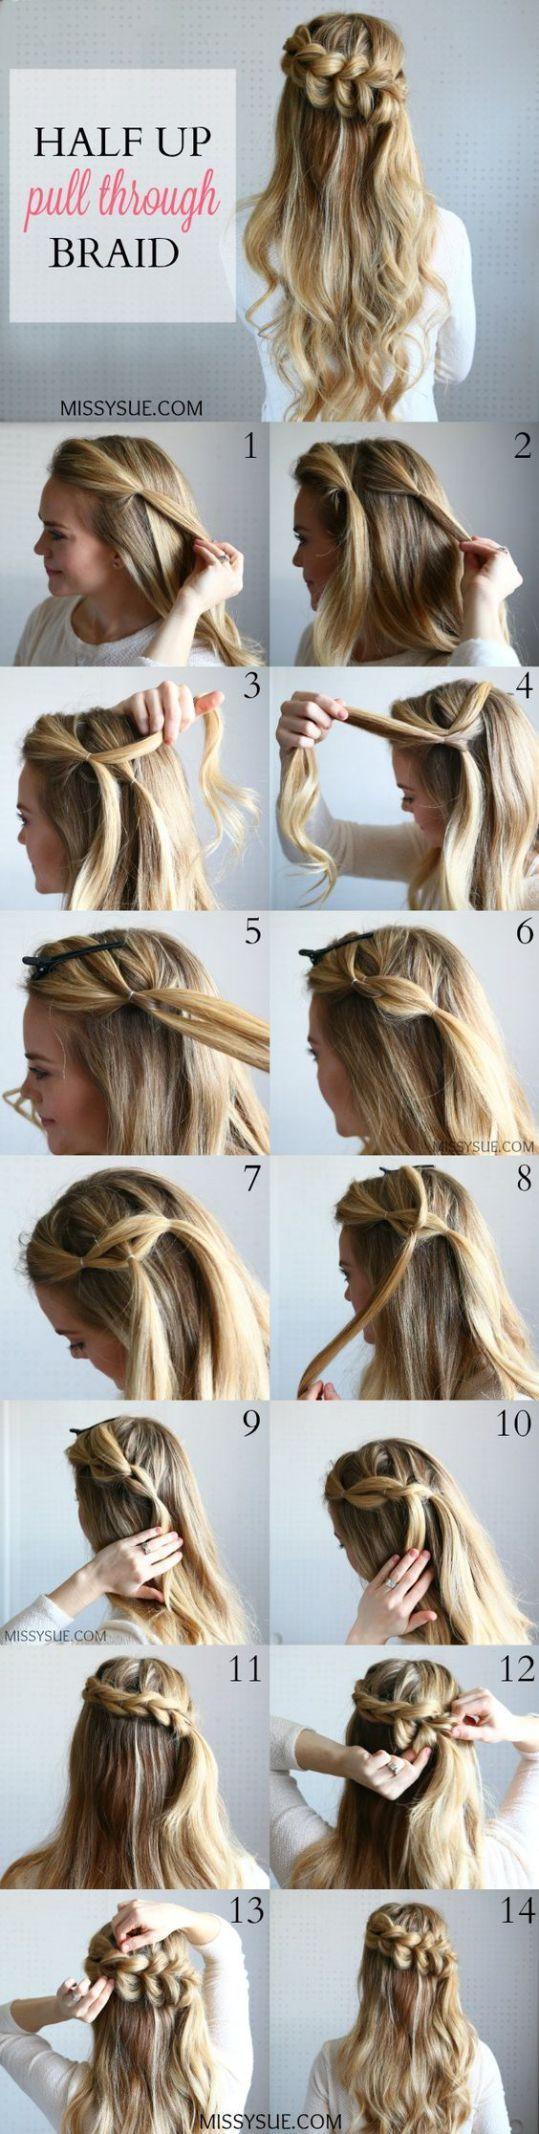 Pull through braids make such cute hairstyles for long hair hair